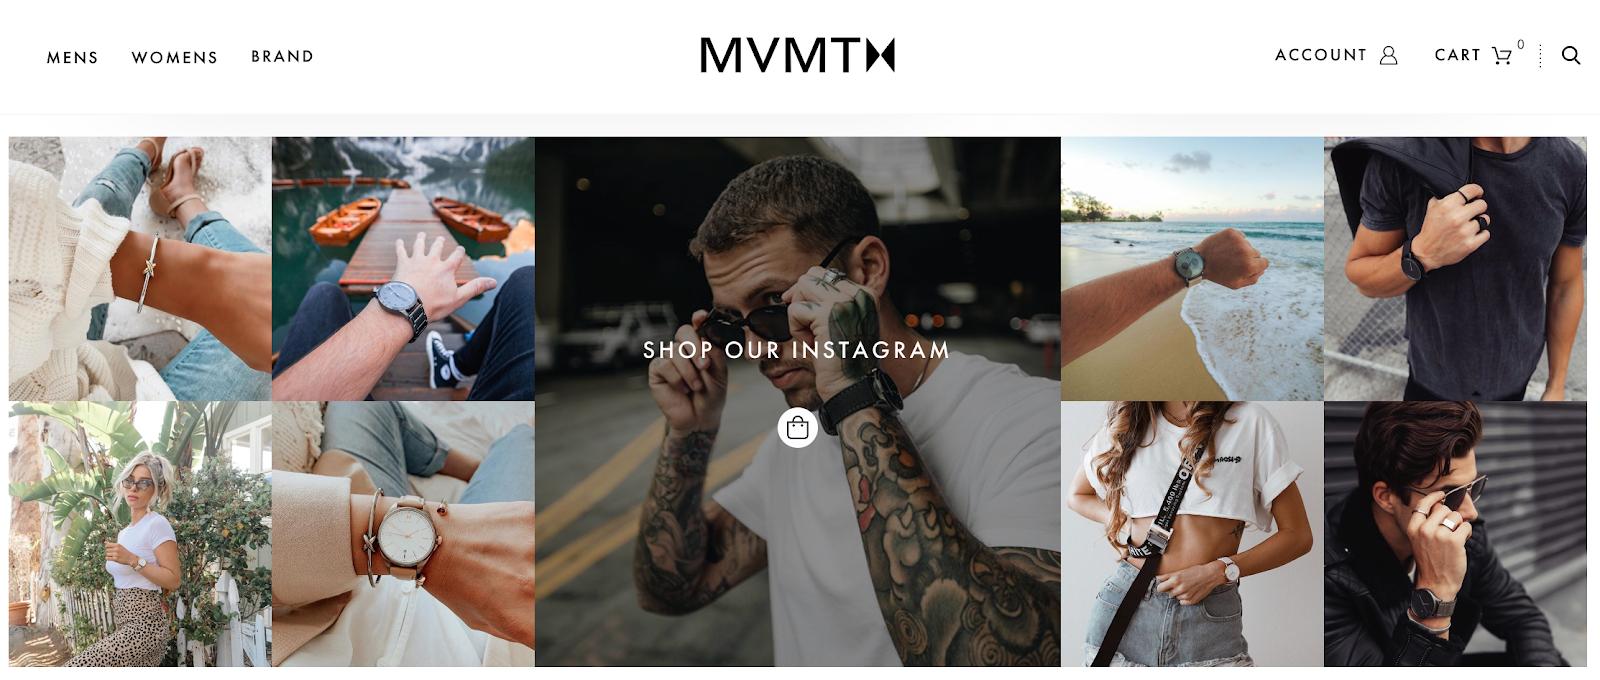 Screenshot of MVMT website